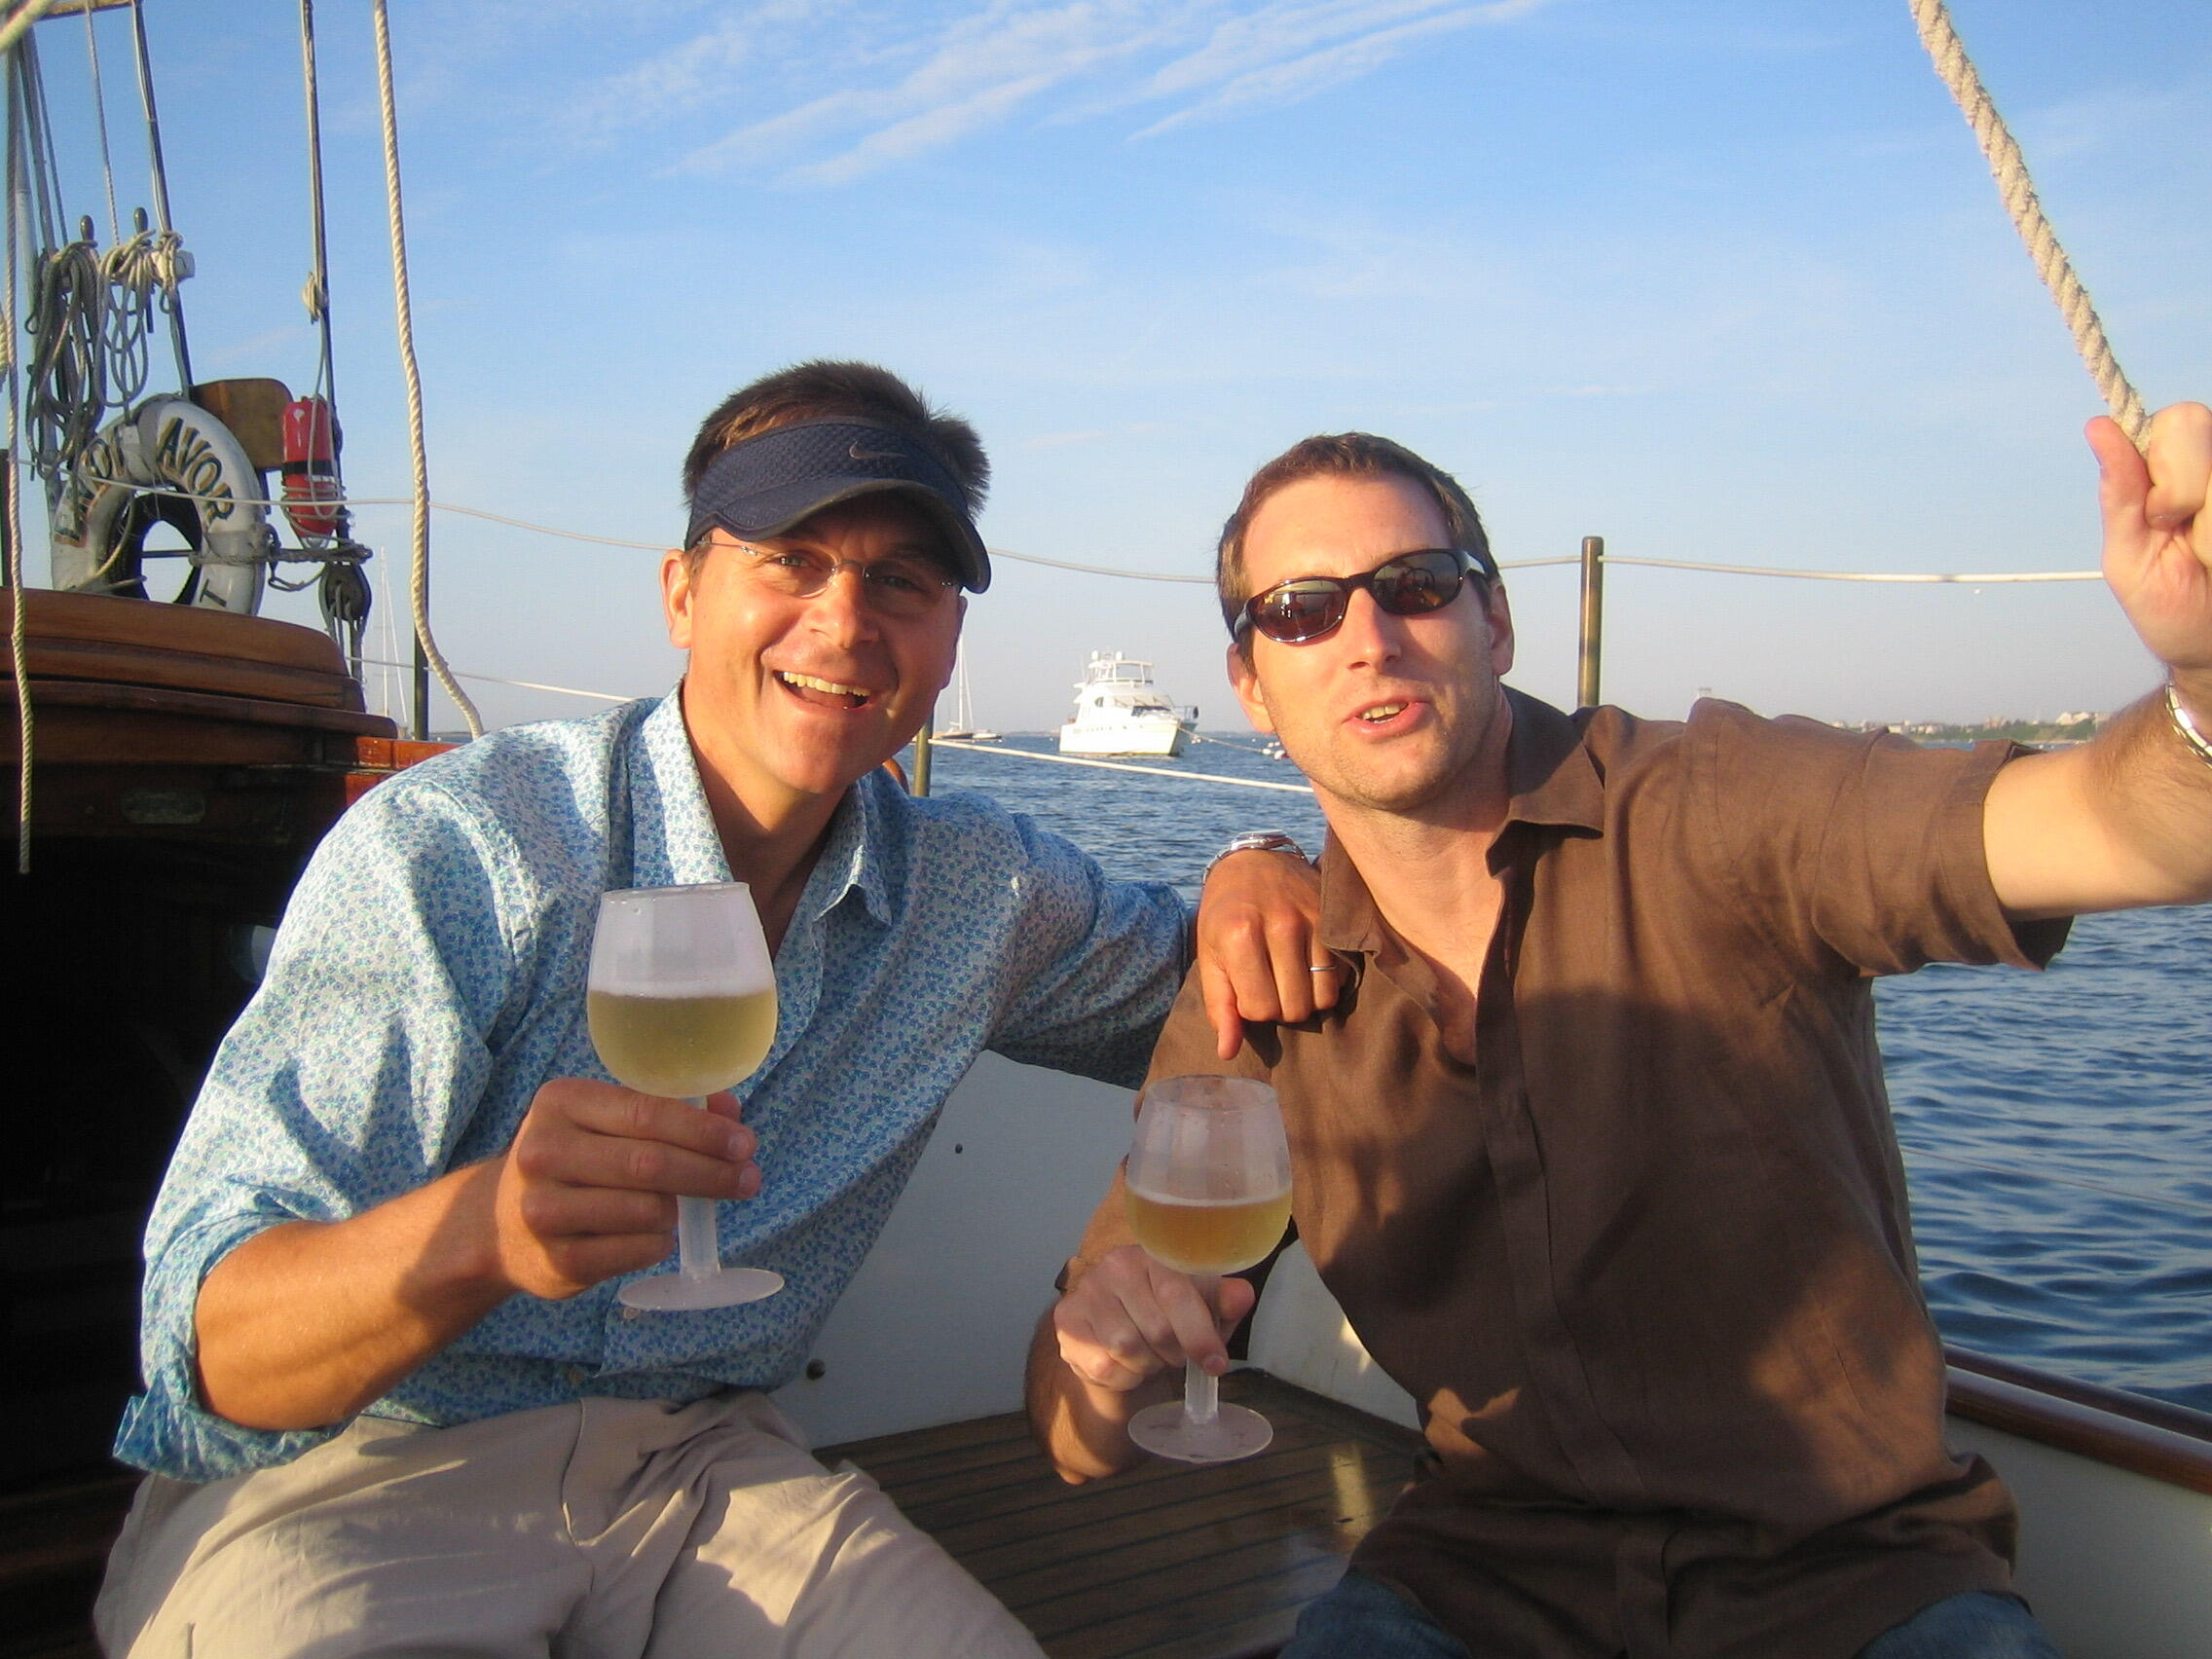 Stu and Matt